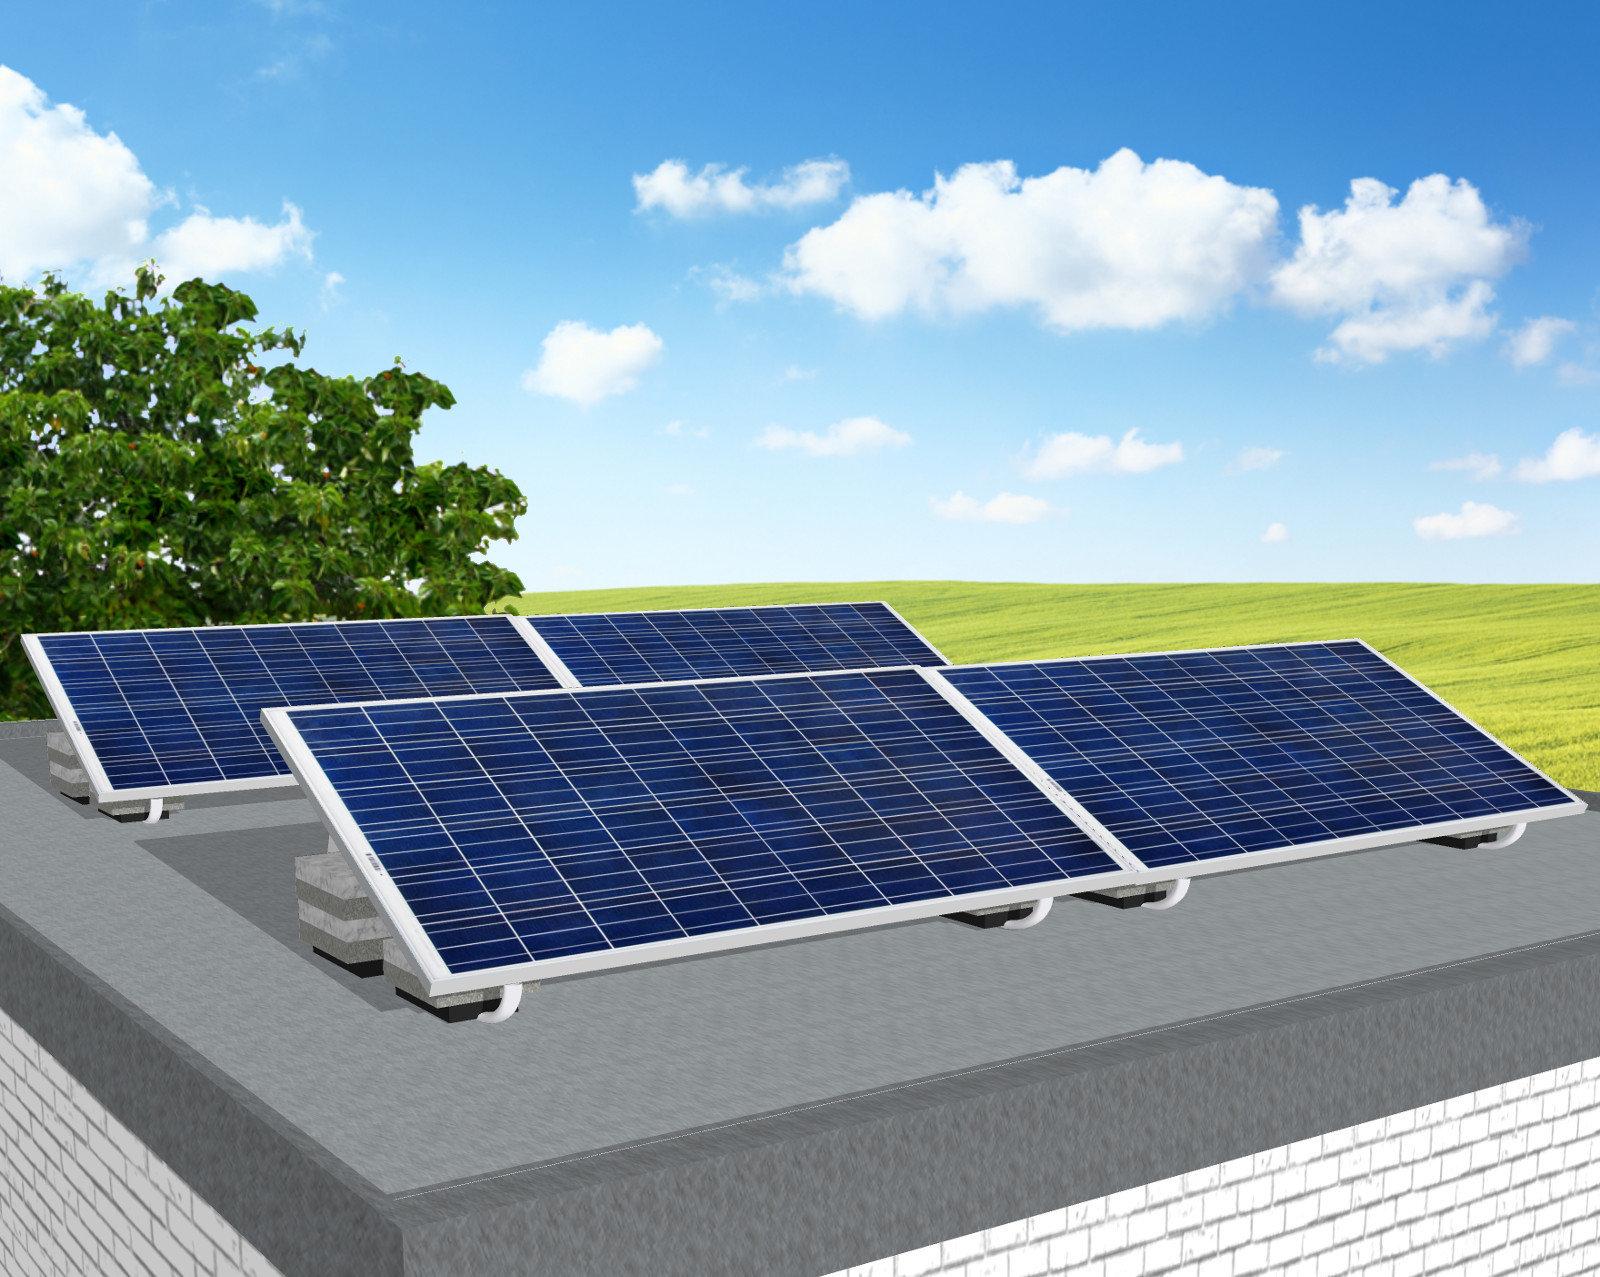 myCleantechSolarPower™ Solaranalage Flachdach oder Carport mit 4 Pannels - Musterbild